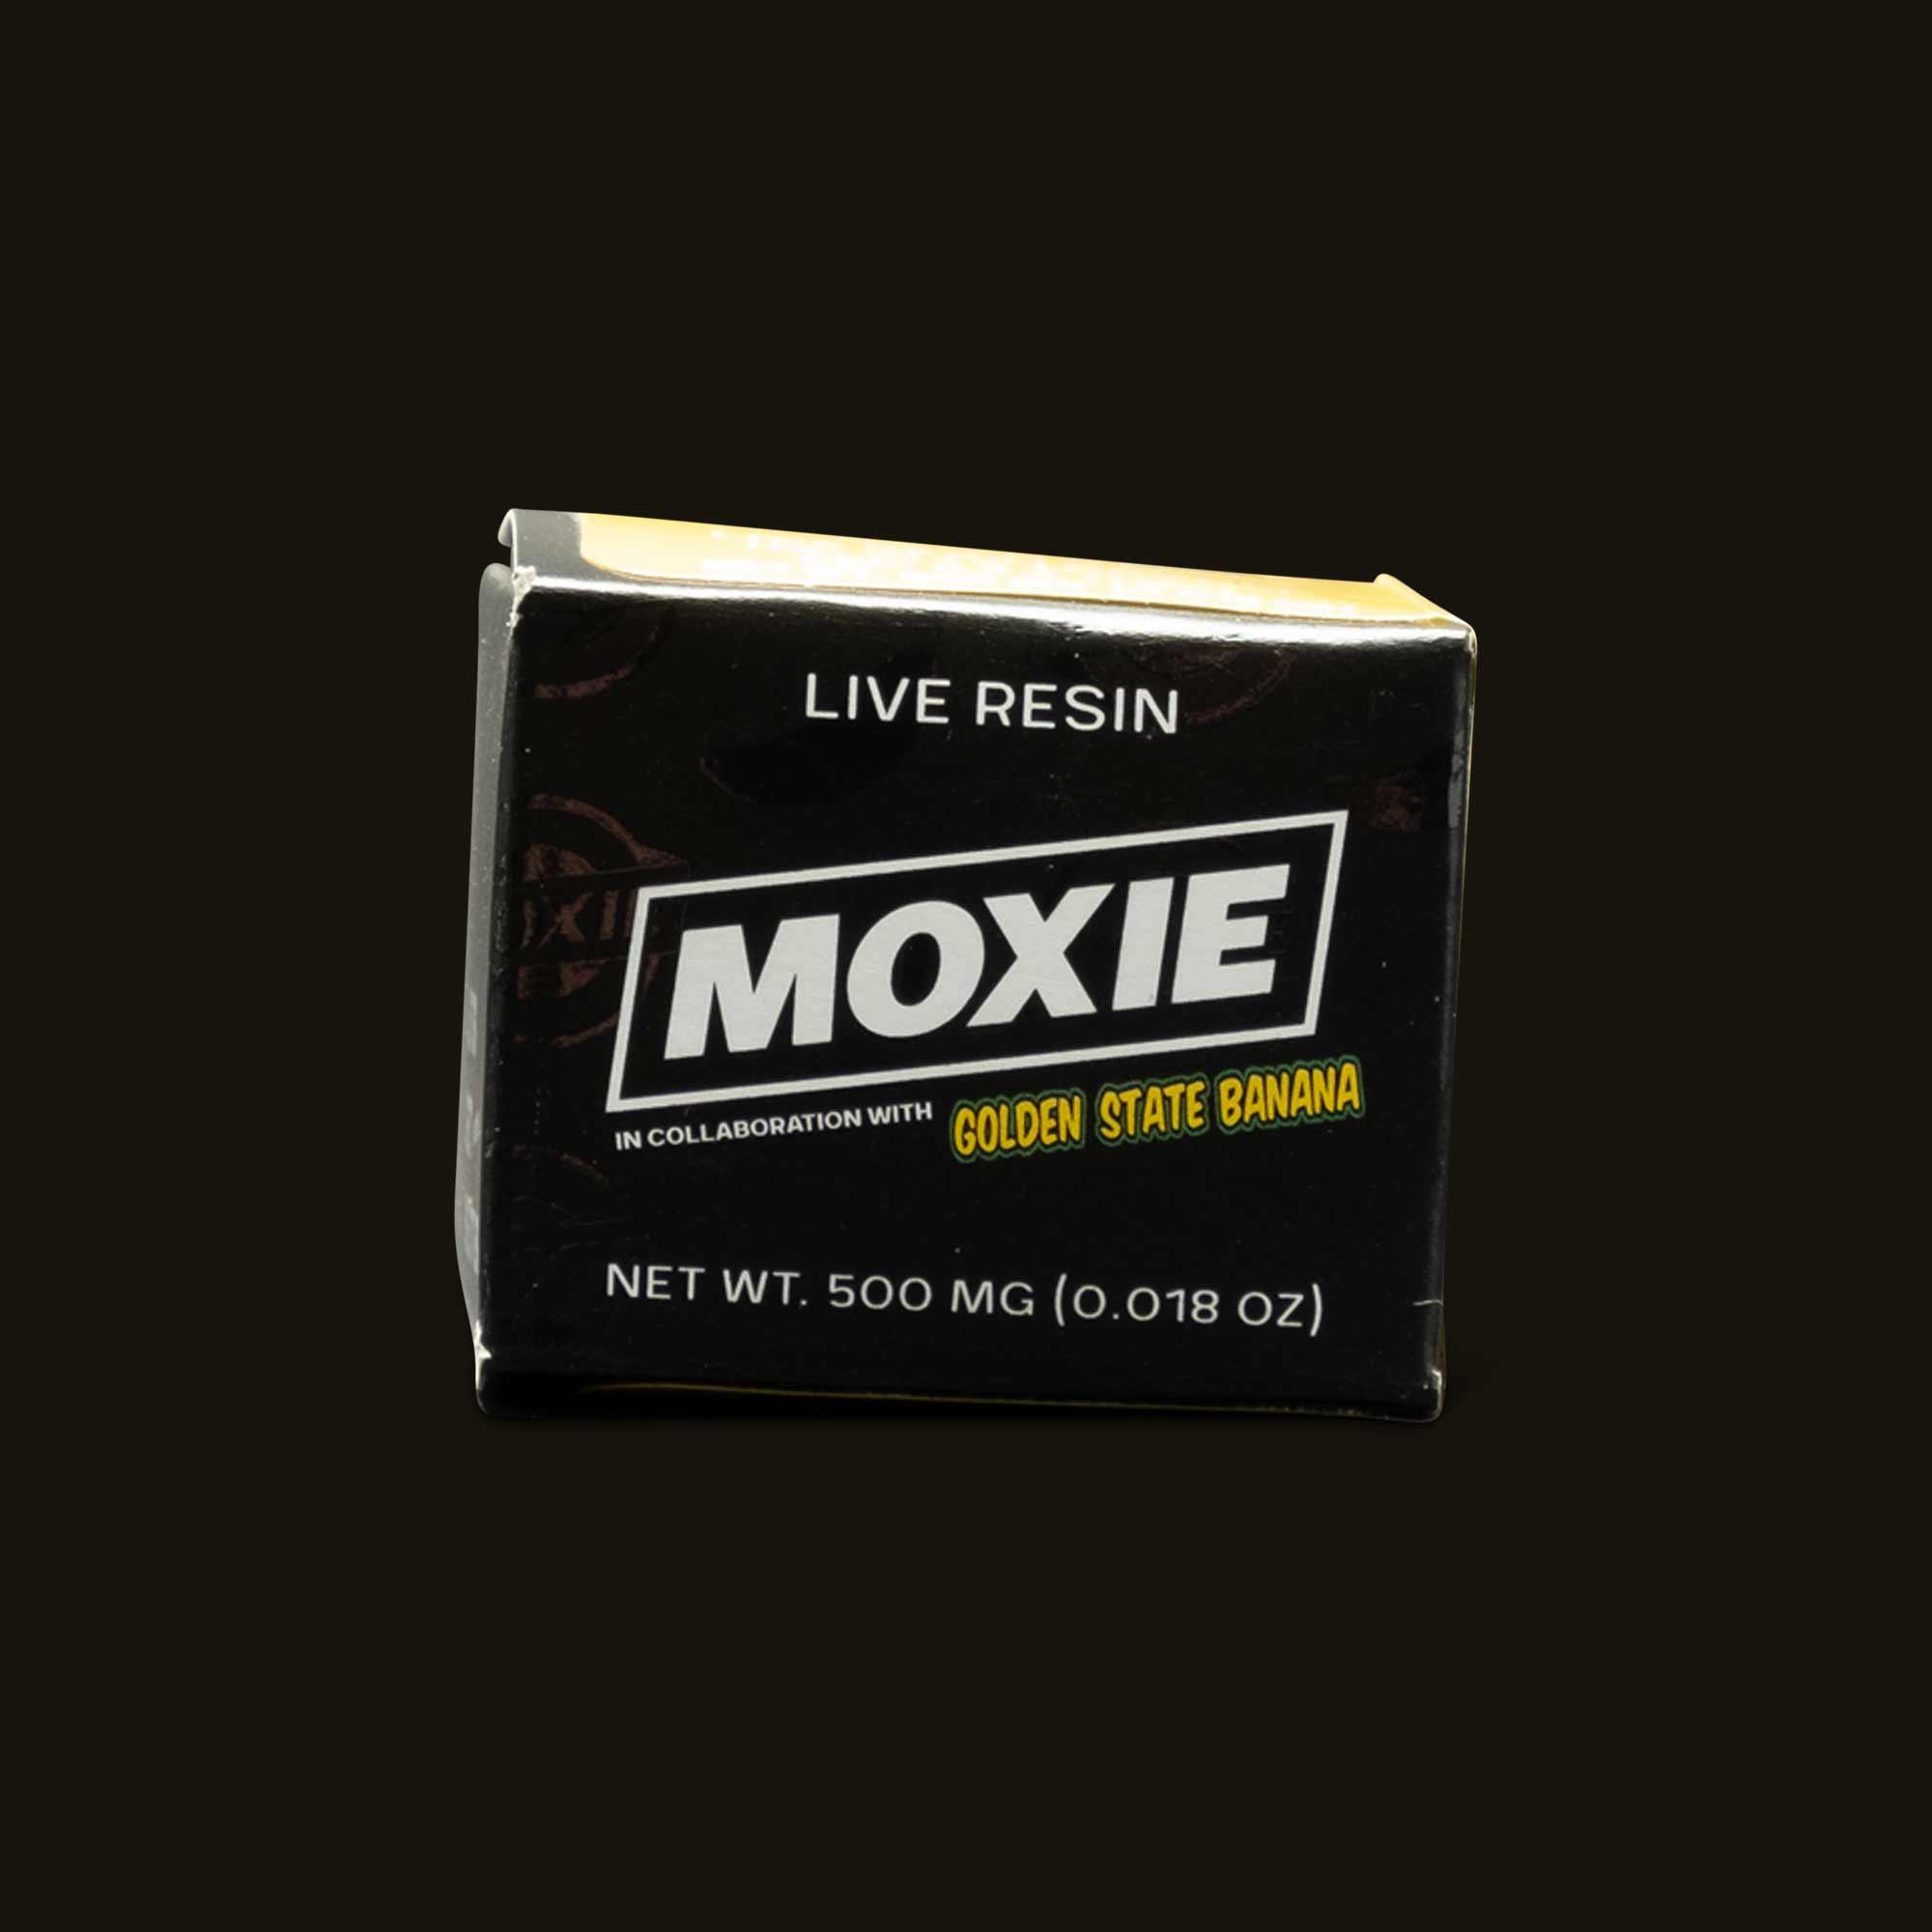 Moxie Golden State Bananas Live Resin Cake Batter